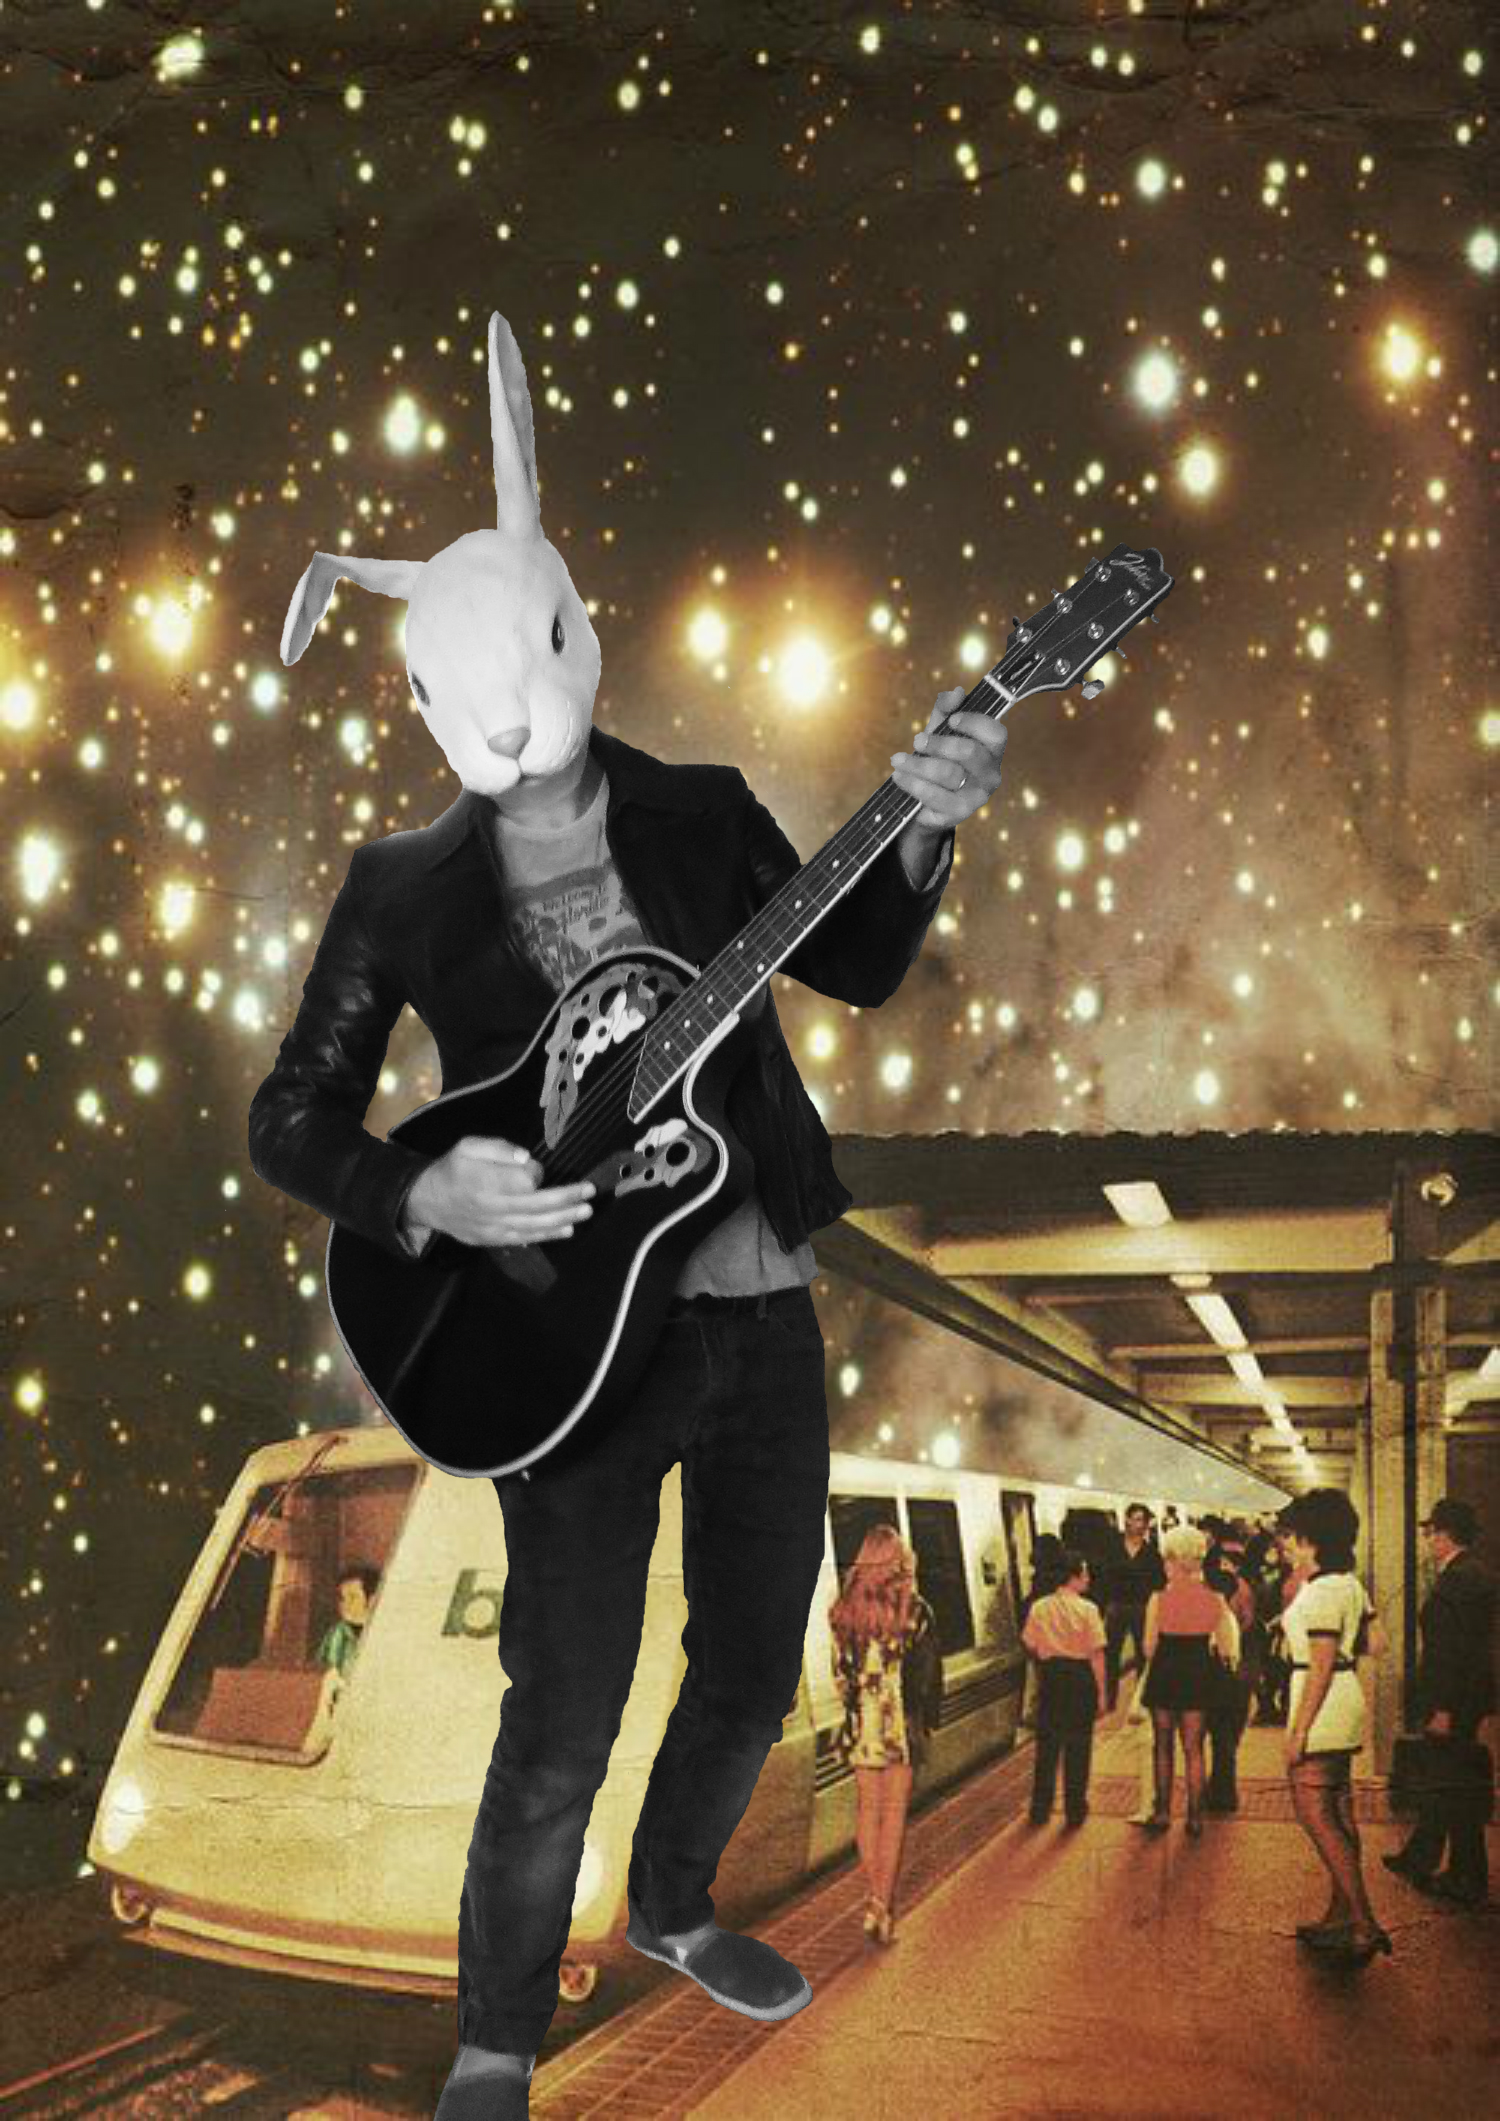 Bien arrivé à la station ciel et de là haut je suis ton homme plus que jamais ... (Léonard Cohen) Well arrived at the station sky and from there I am your man more than ever ... (Léonard Cohen)